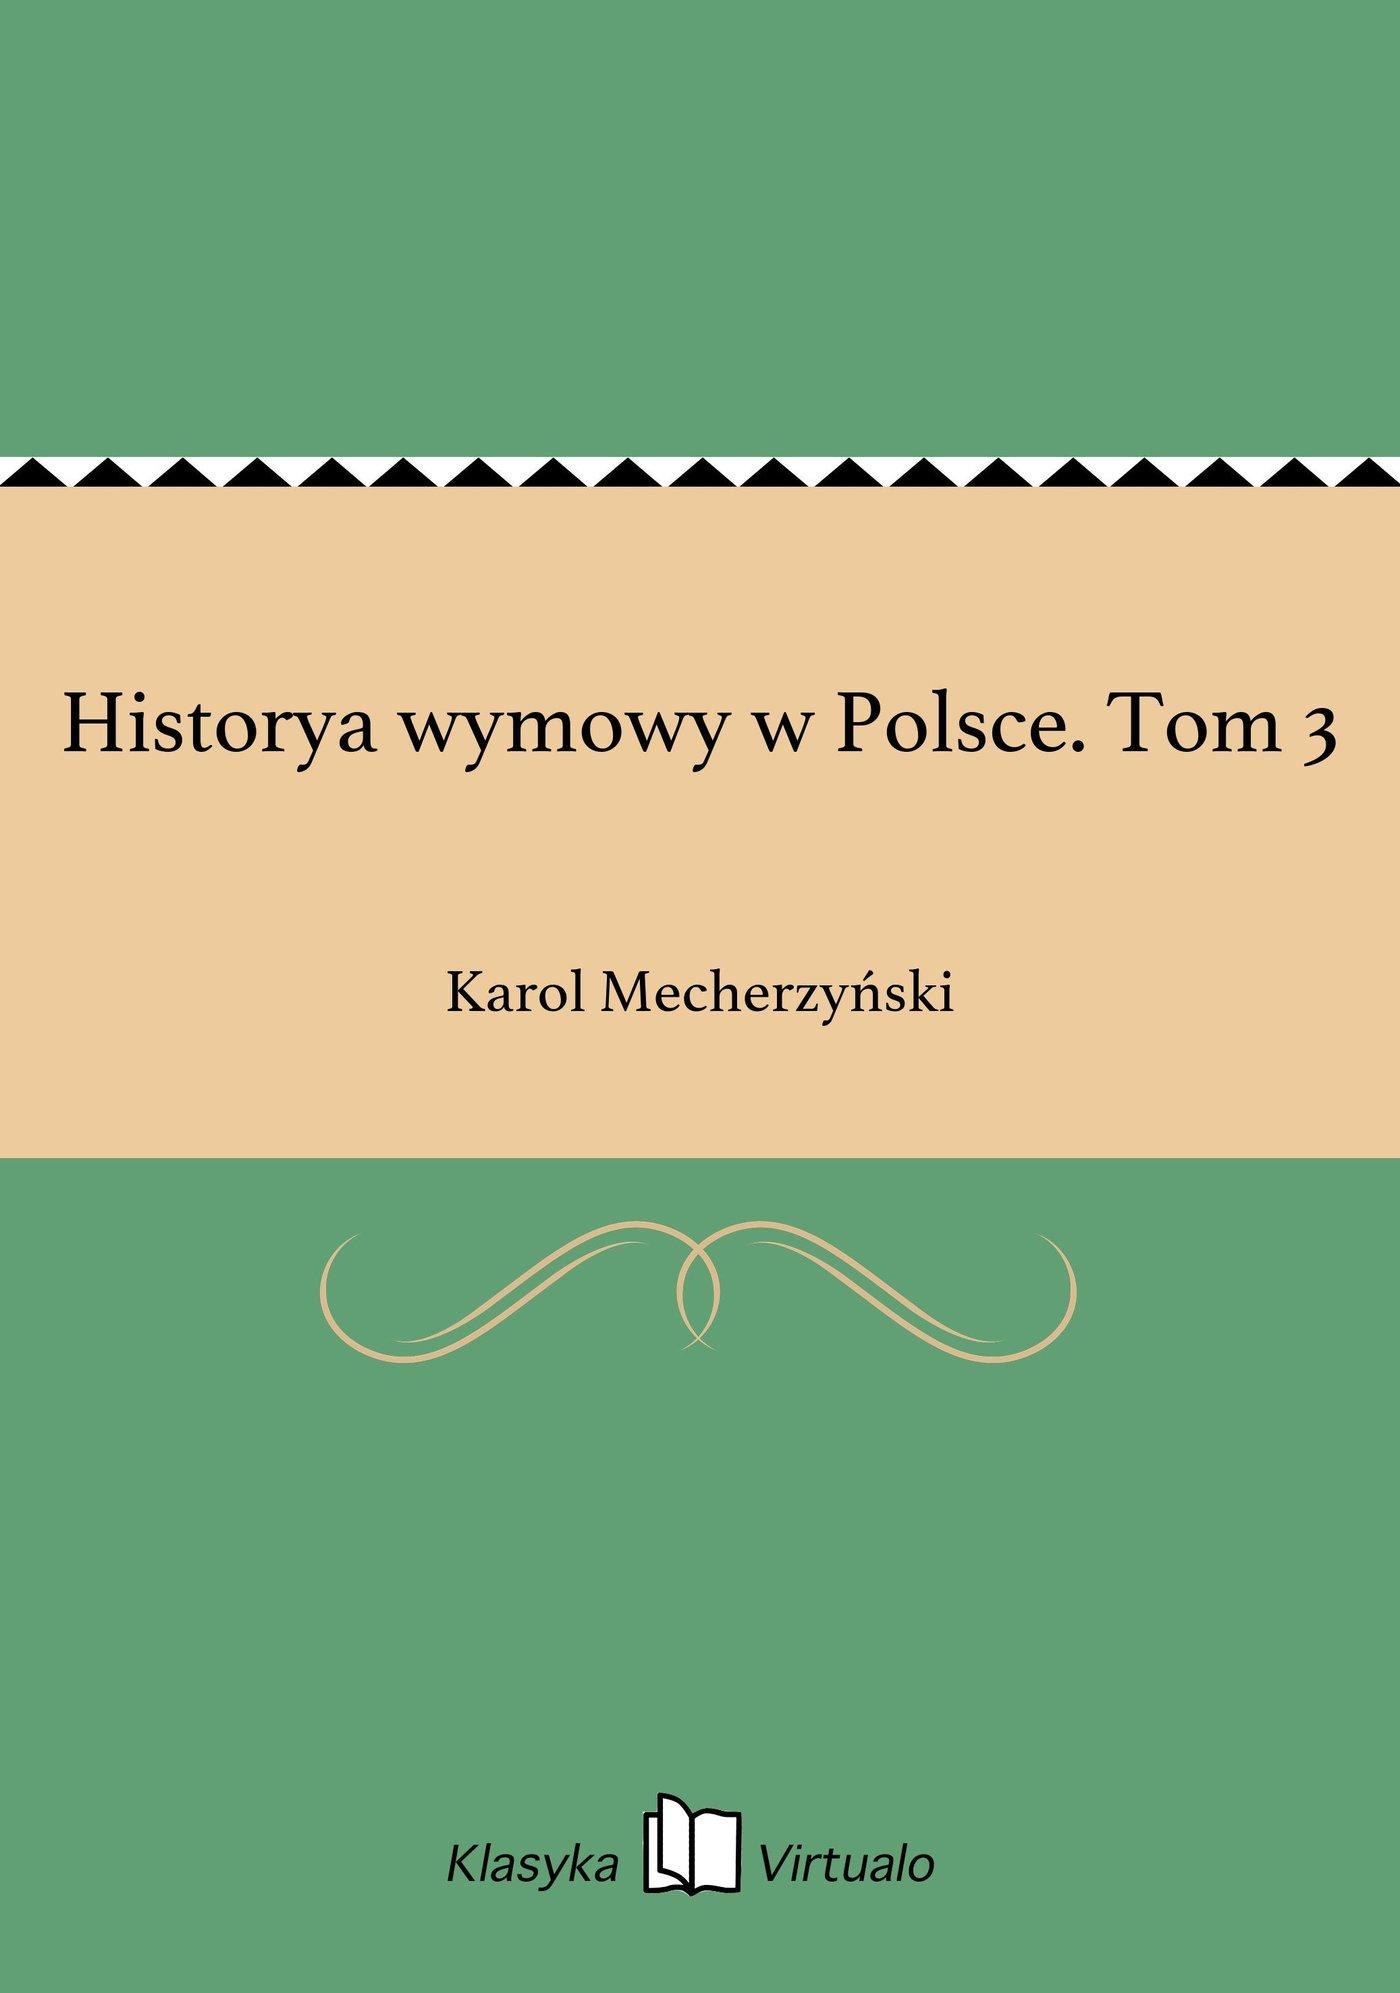 Historya wymowy w Polsce. Tom 3 - Ebook (Książka na Kindle) do pobrania w formacie MOBI